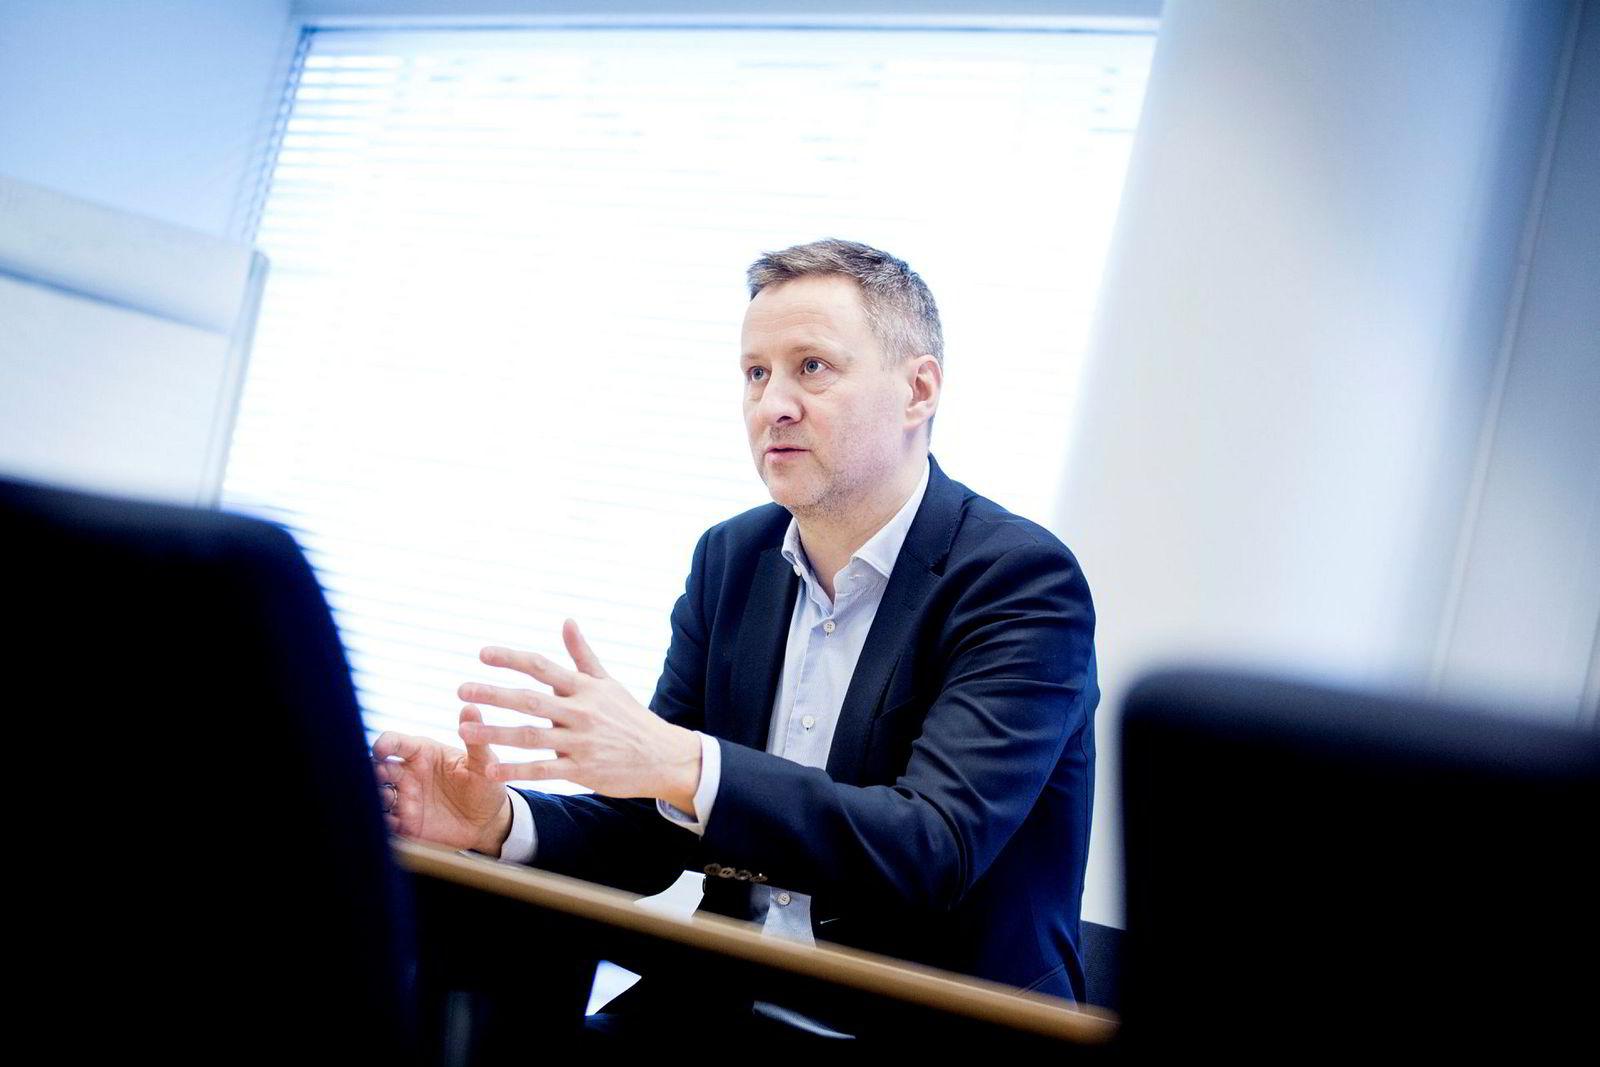 Sjeføkonom Frank Jullum i Danske Bank Markets venter at høyere oljeinvesteringer vil bidra til økt økonomisk vekst i norsk økonomi.